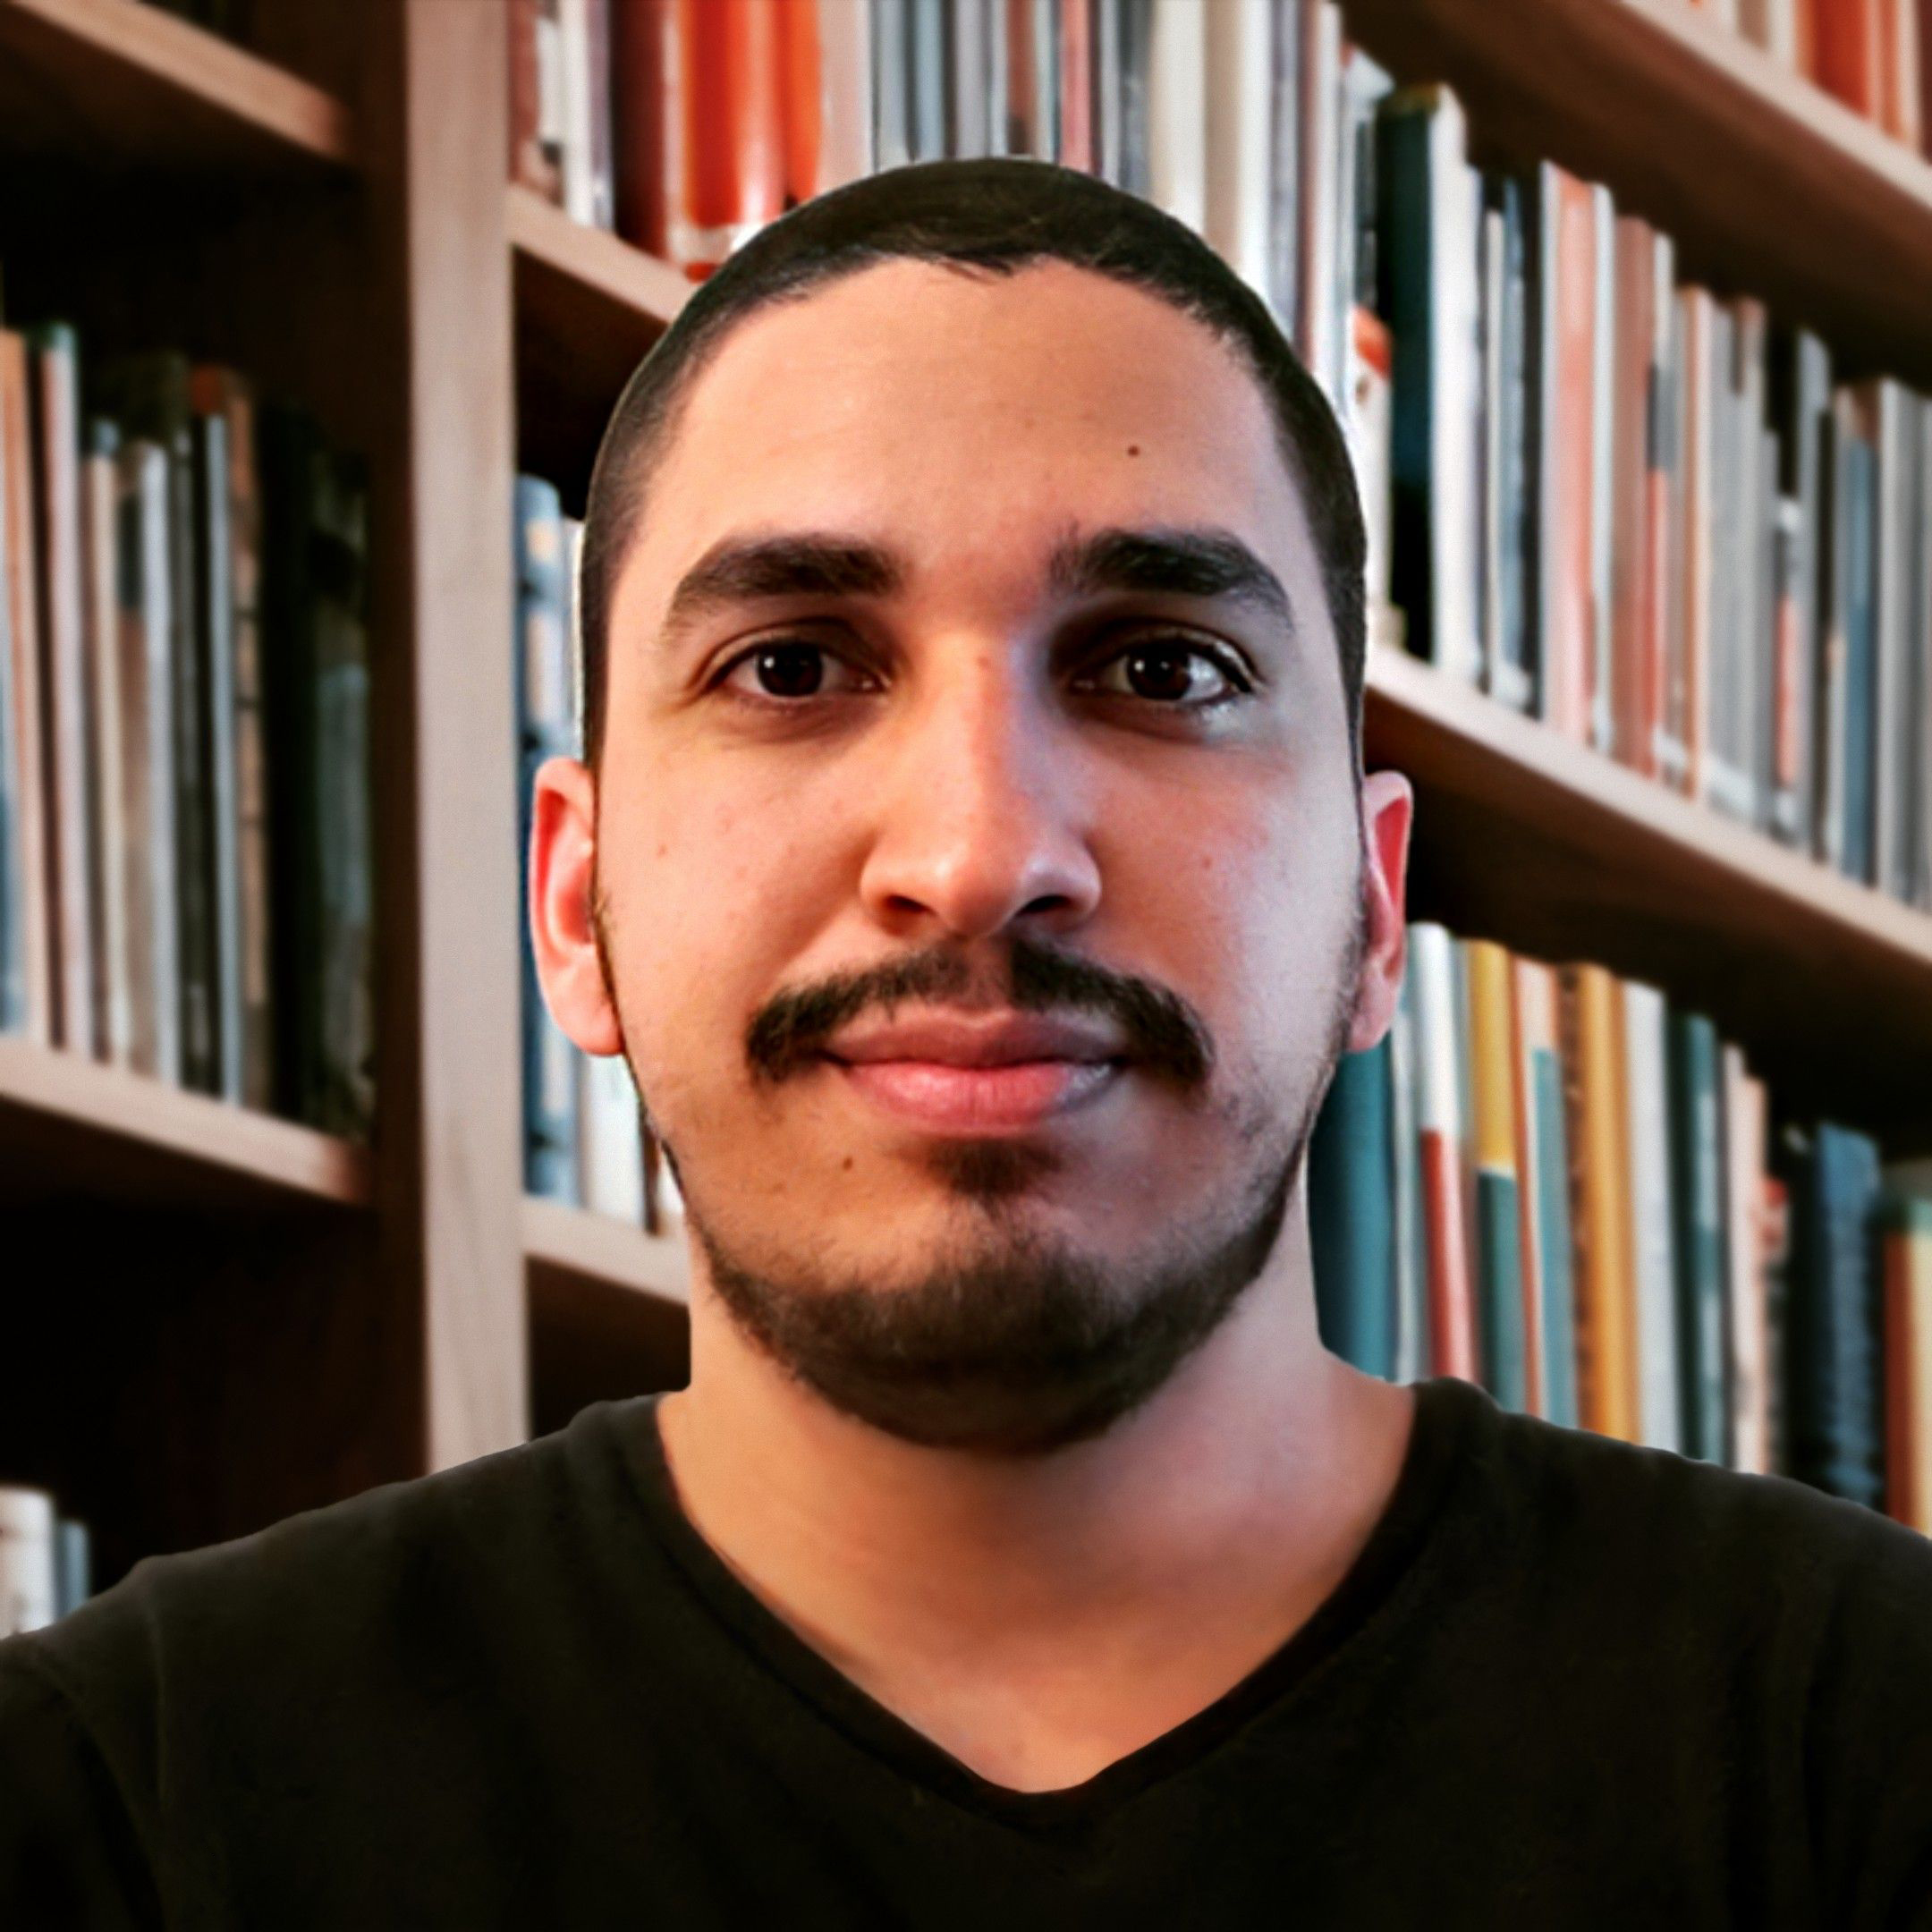 Daniel Library - Profile